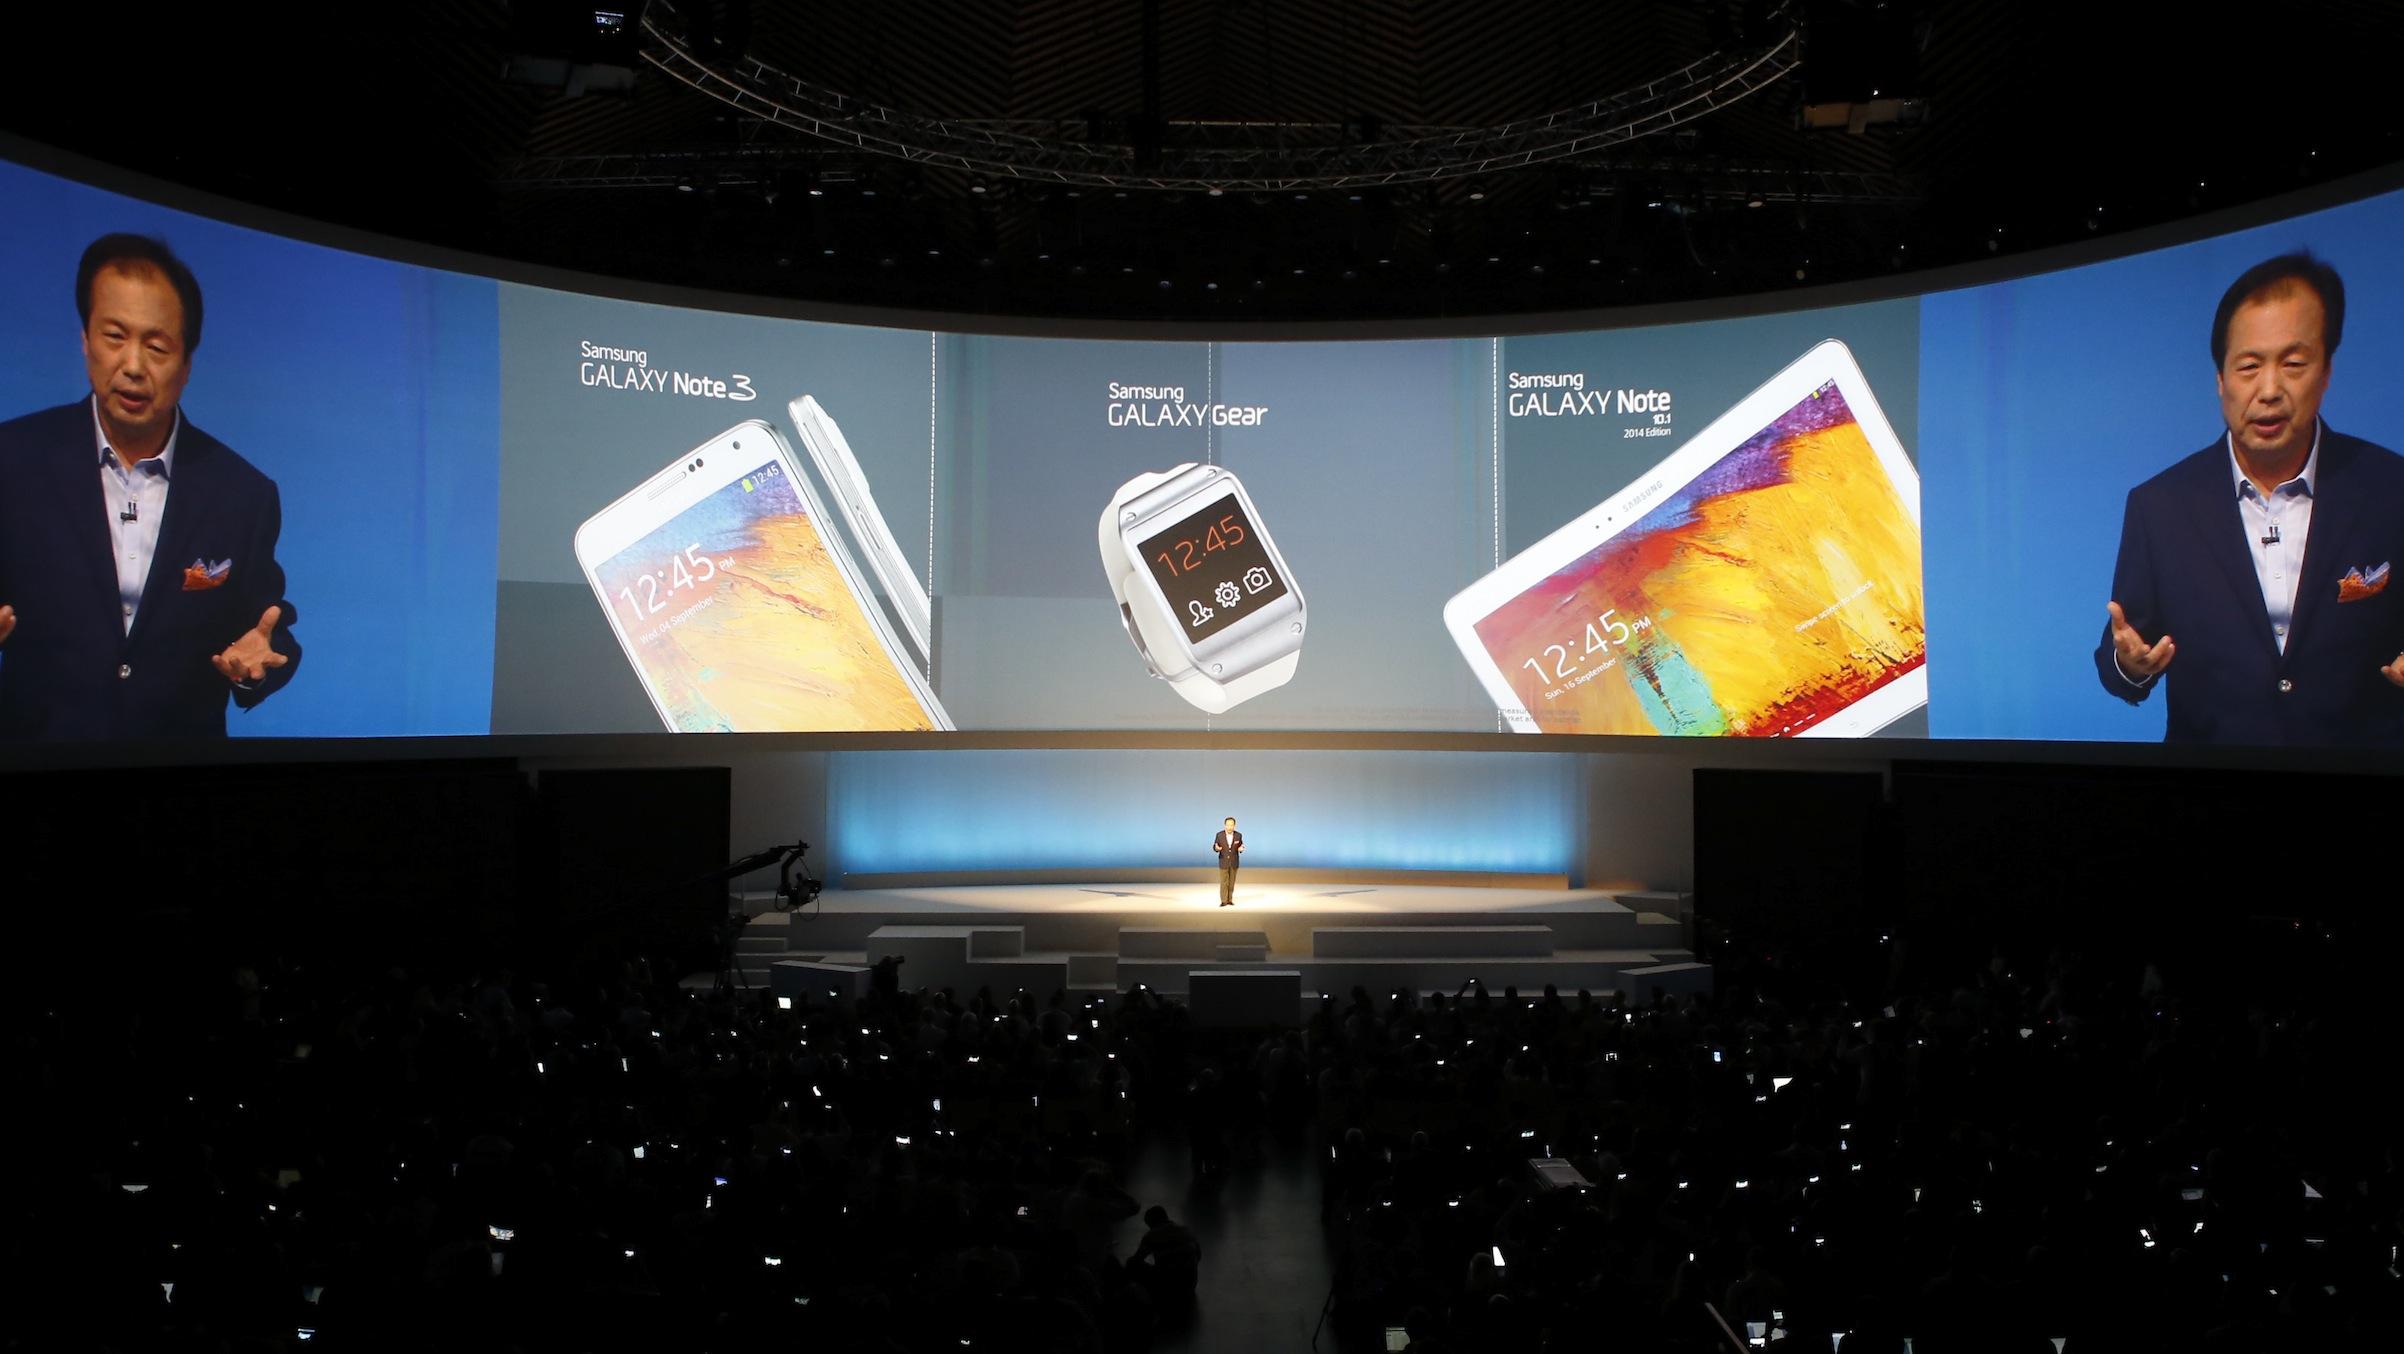 Samsung executive